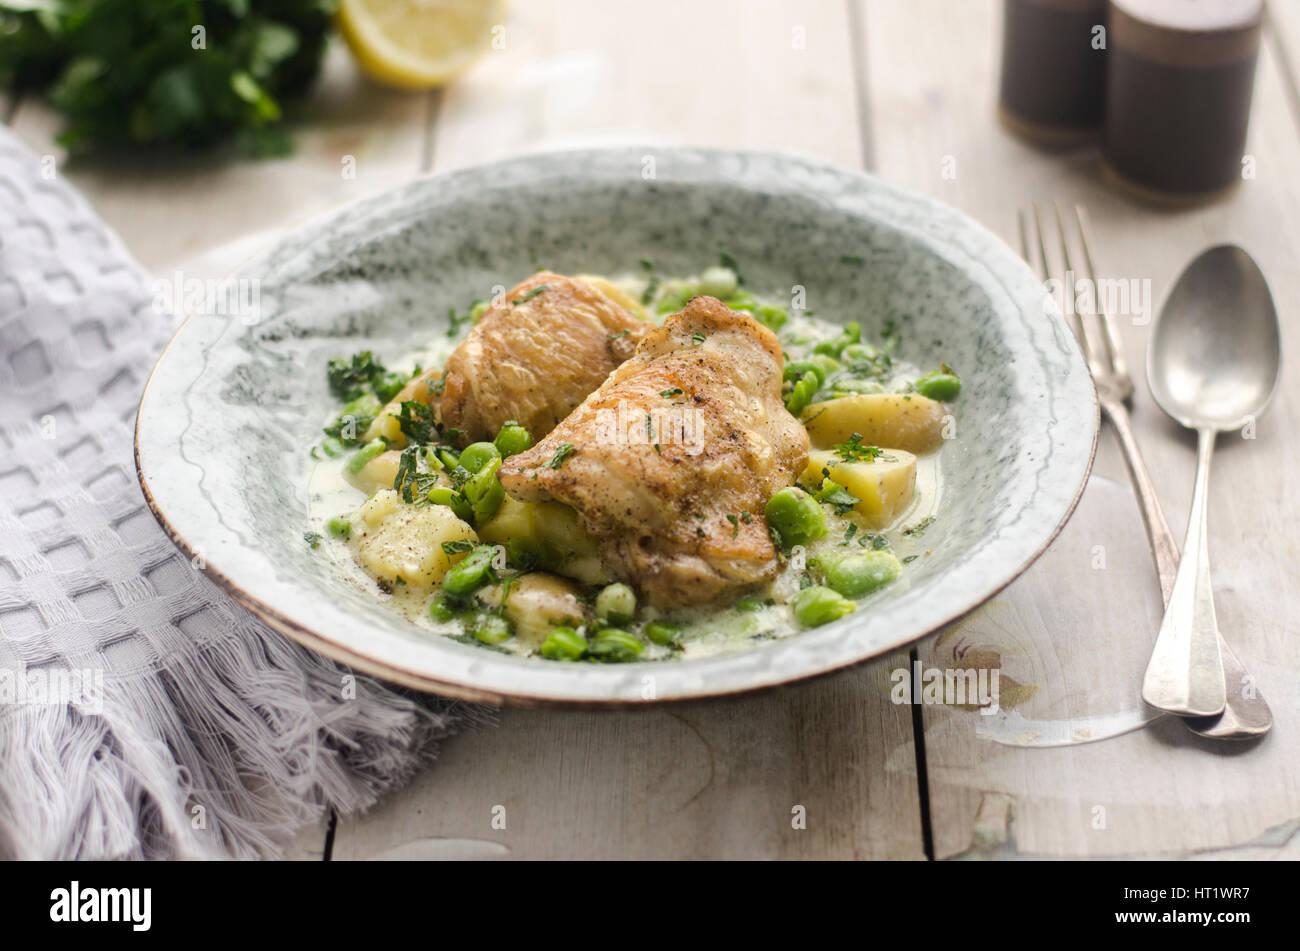 Cuisses de poulet rôti avec des fèves et des herbes Photo Stock